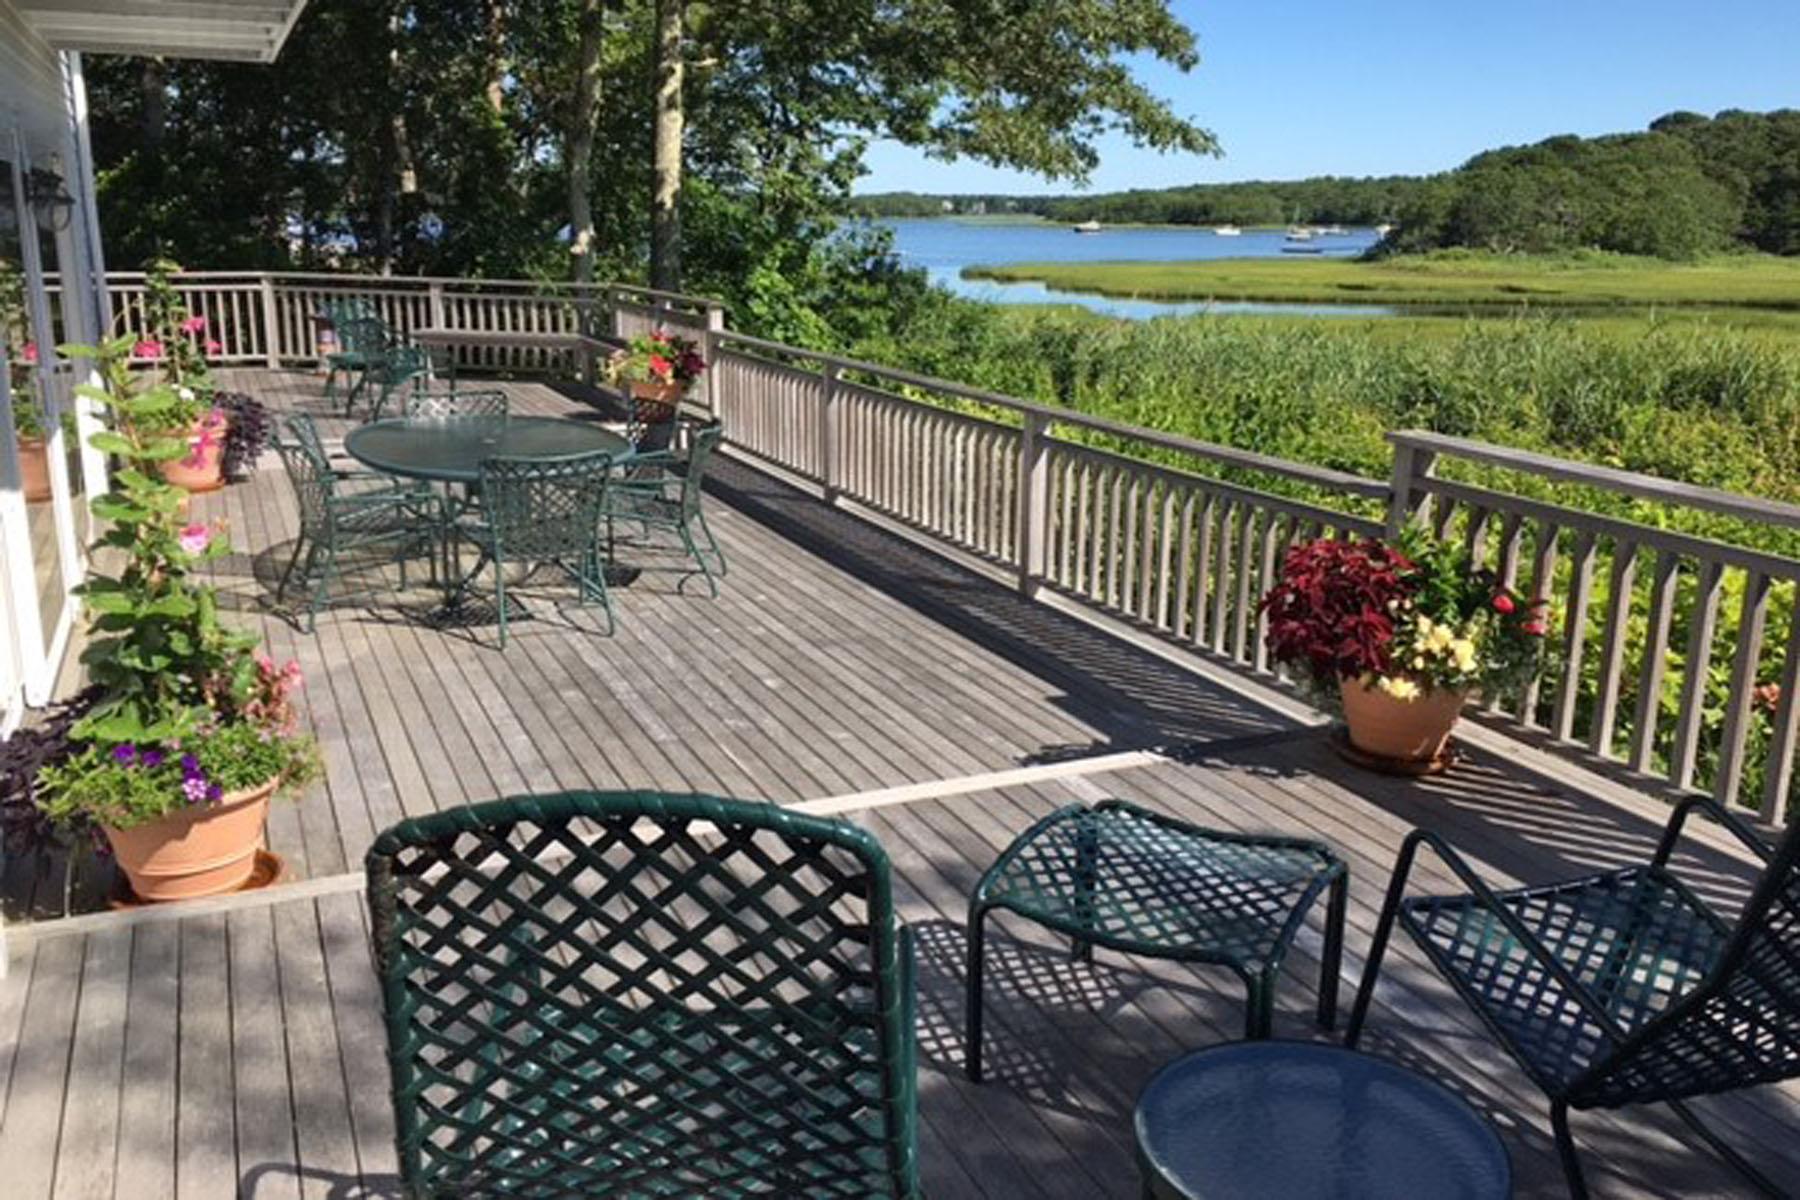 独户住宅 为 销售 在 WATER VIEW CONTEMPORARY HOME 9 Tide Run 席比义, 马萨诸塞州, 02649 美国